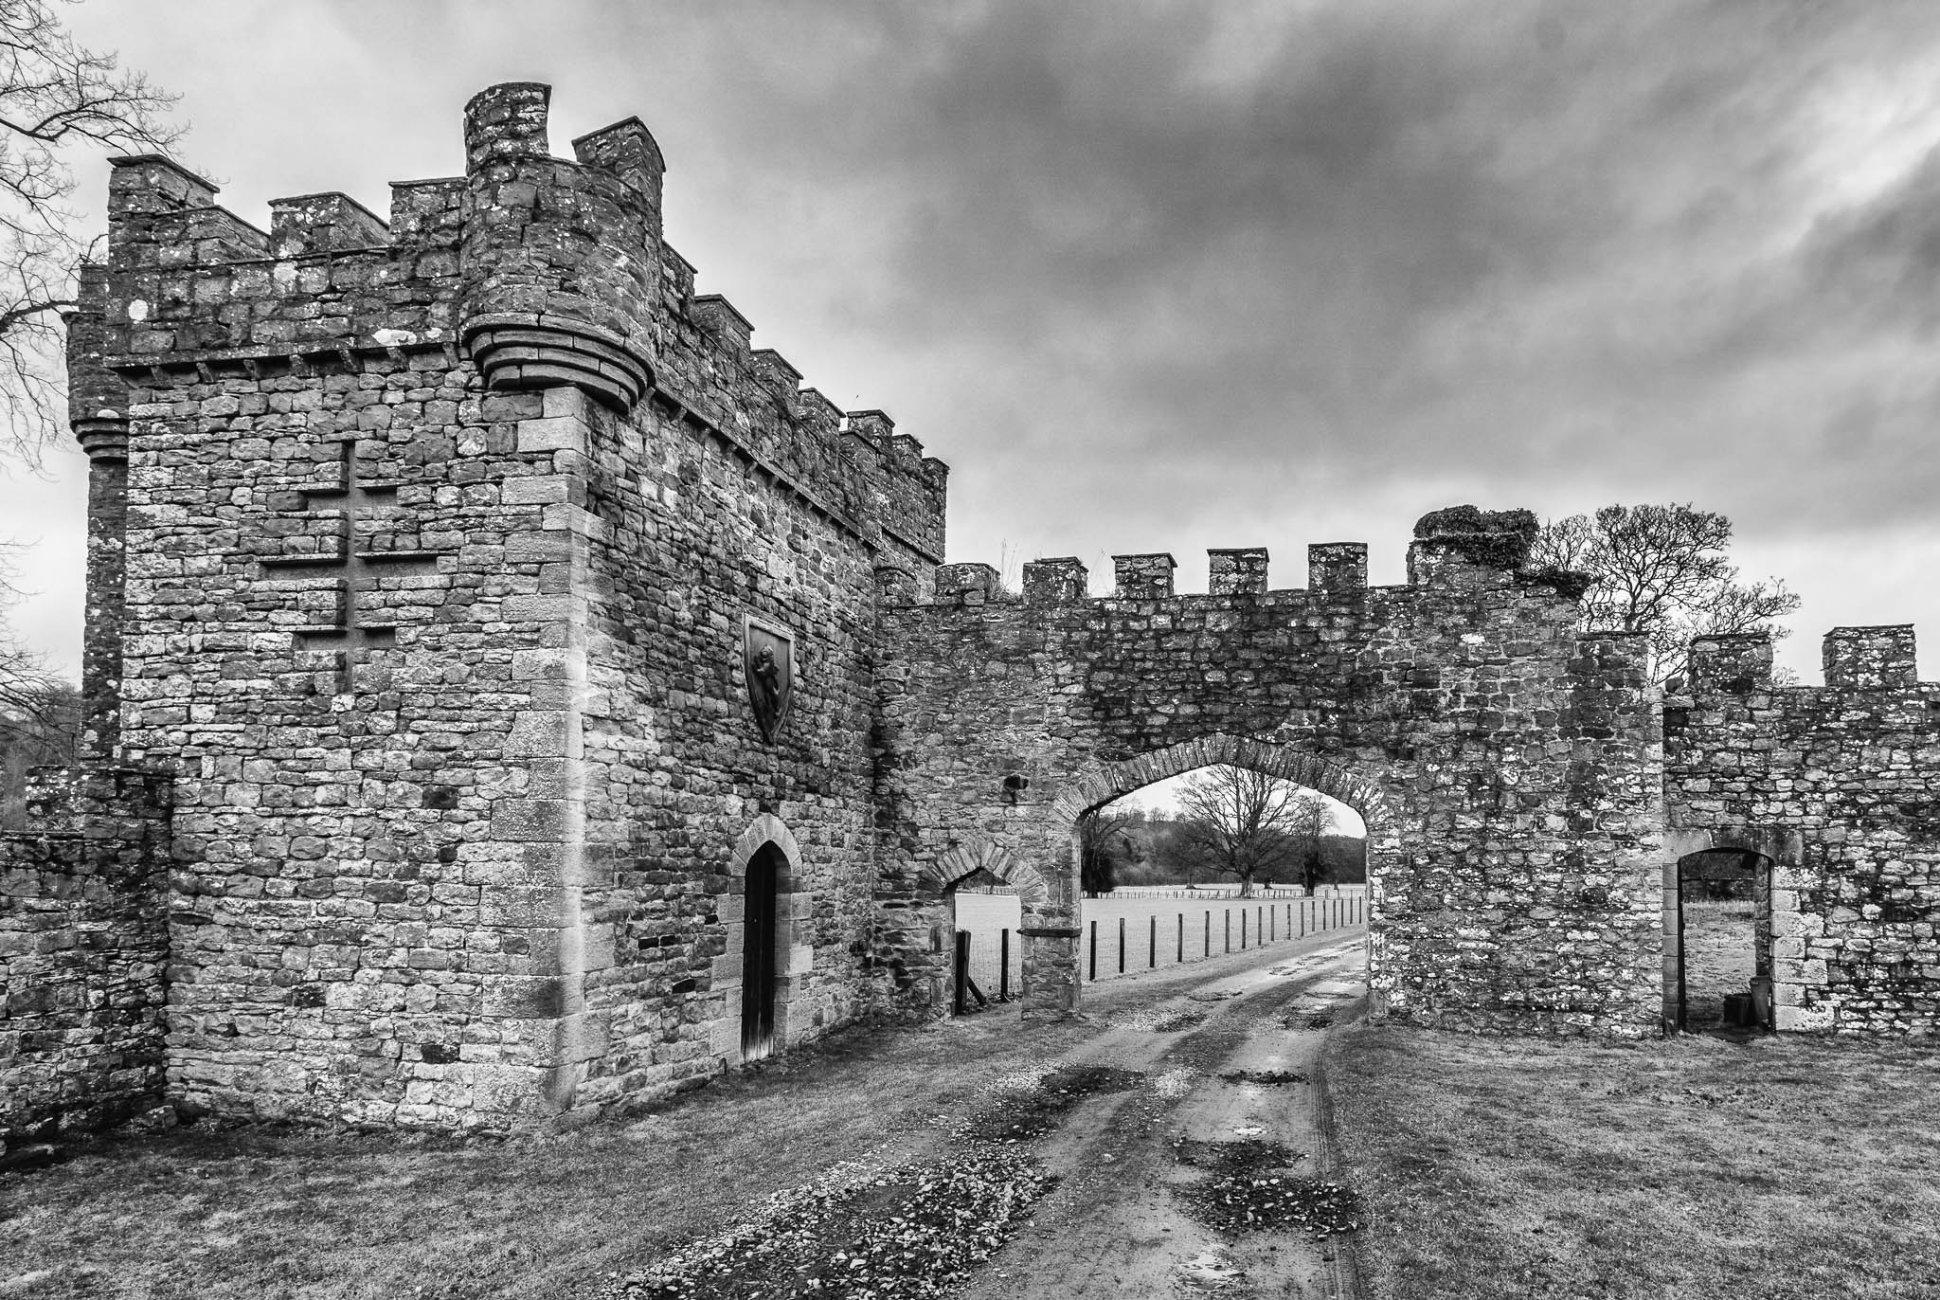 Leaving the Castle